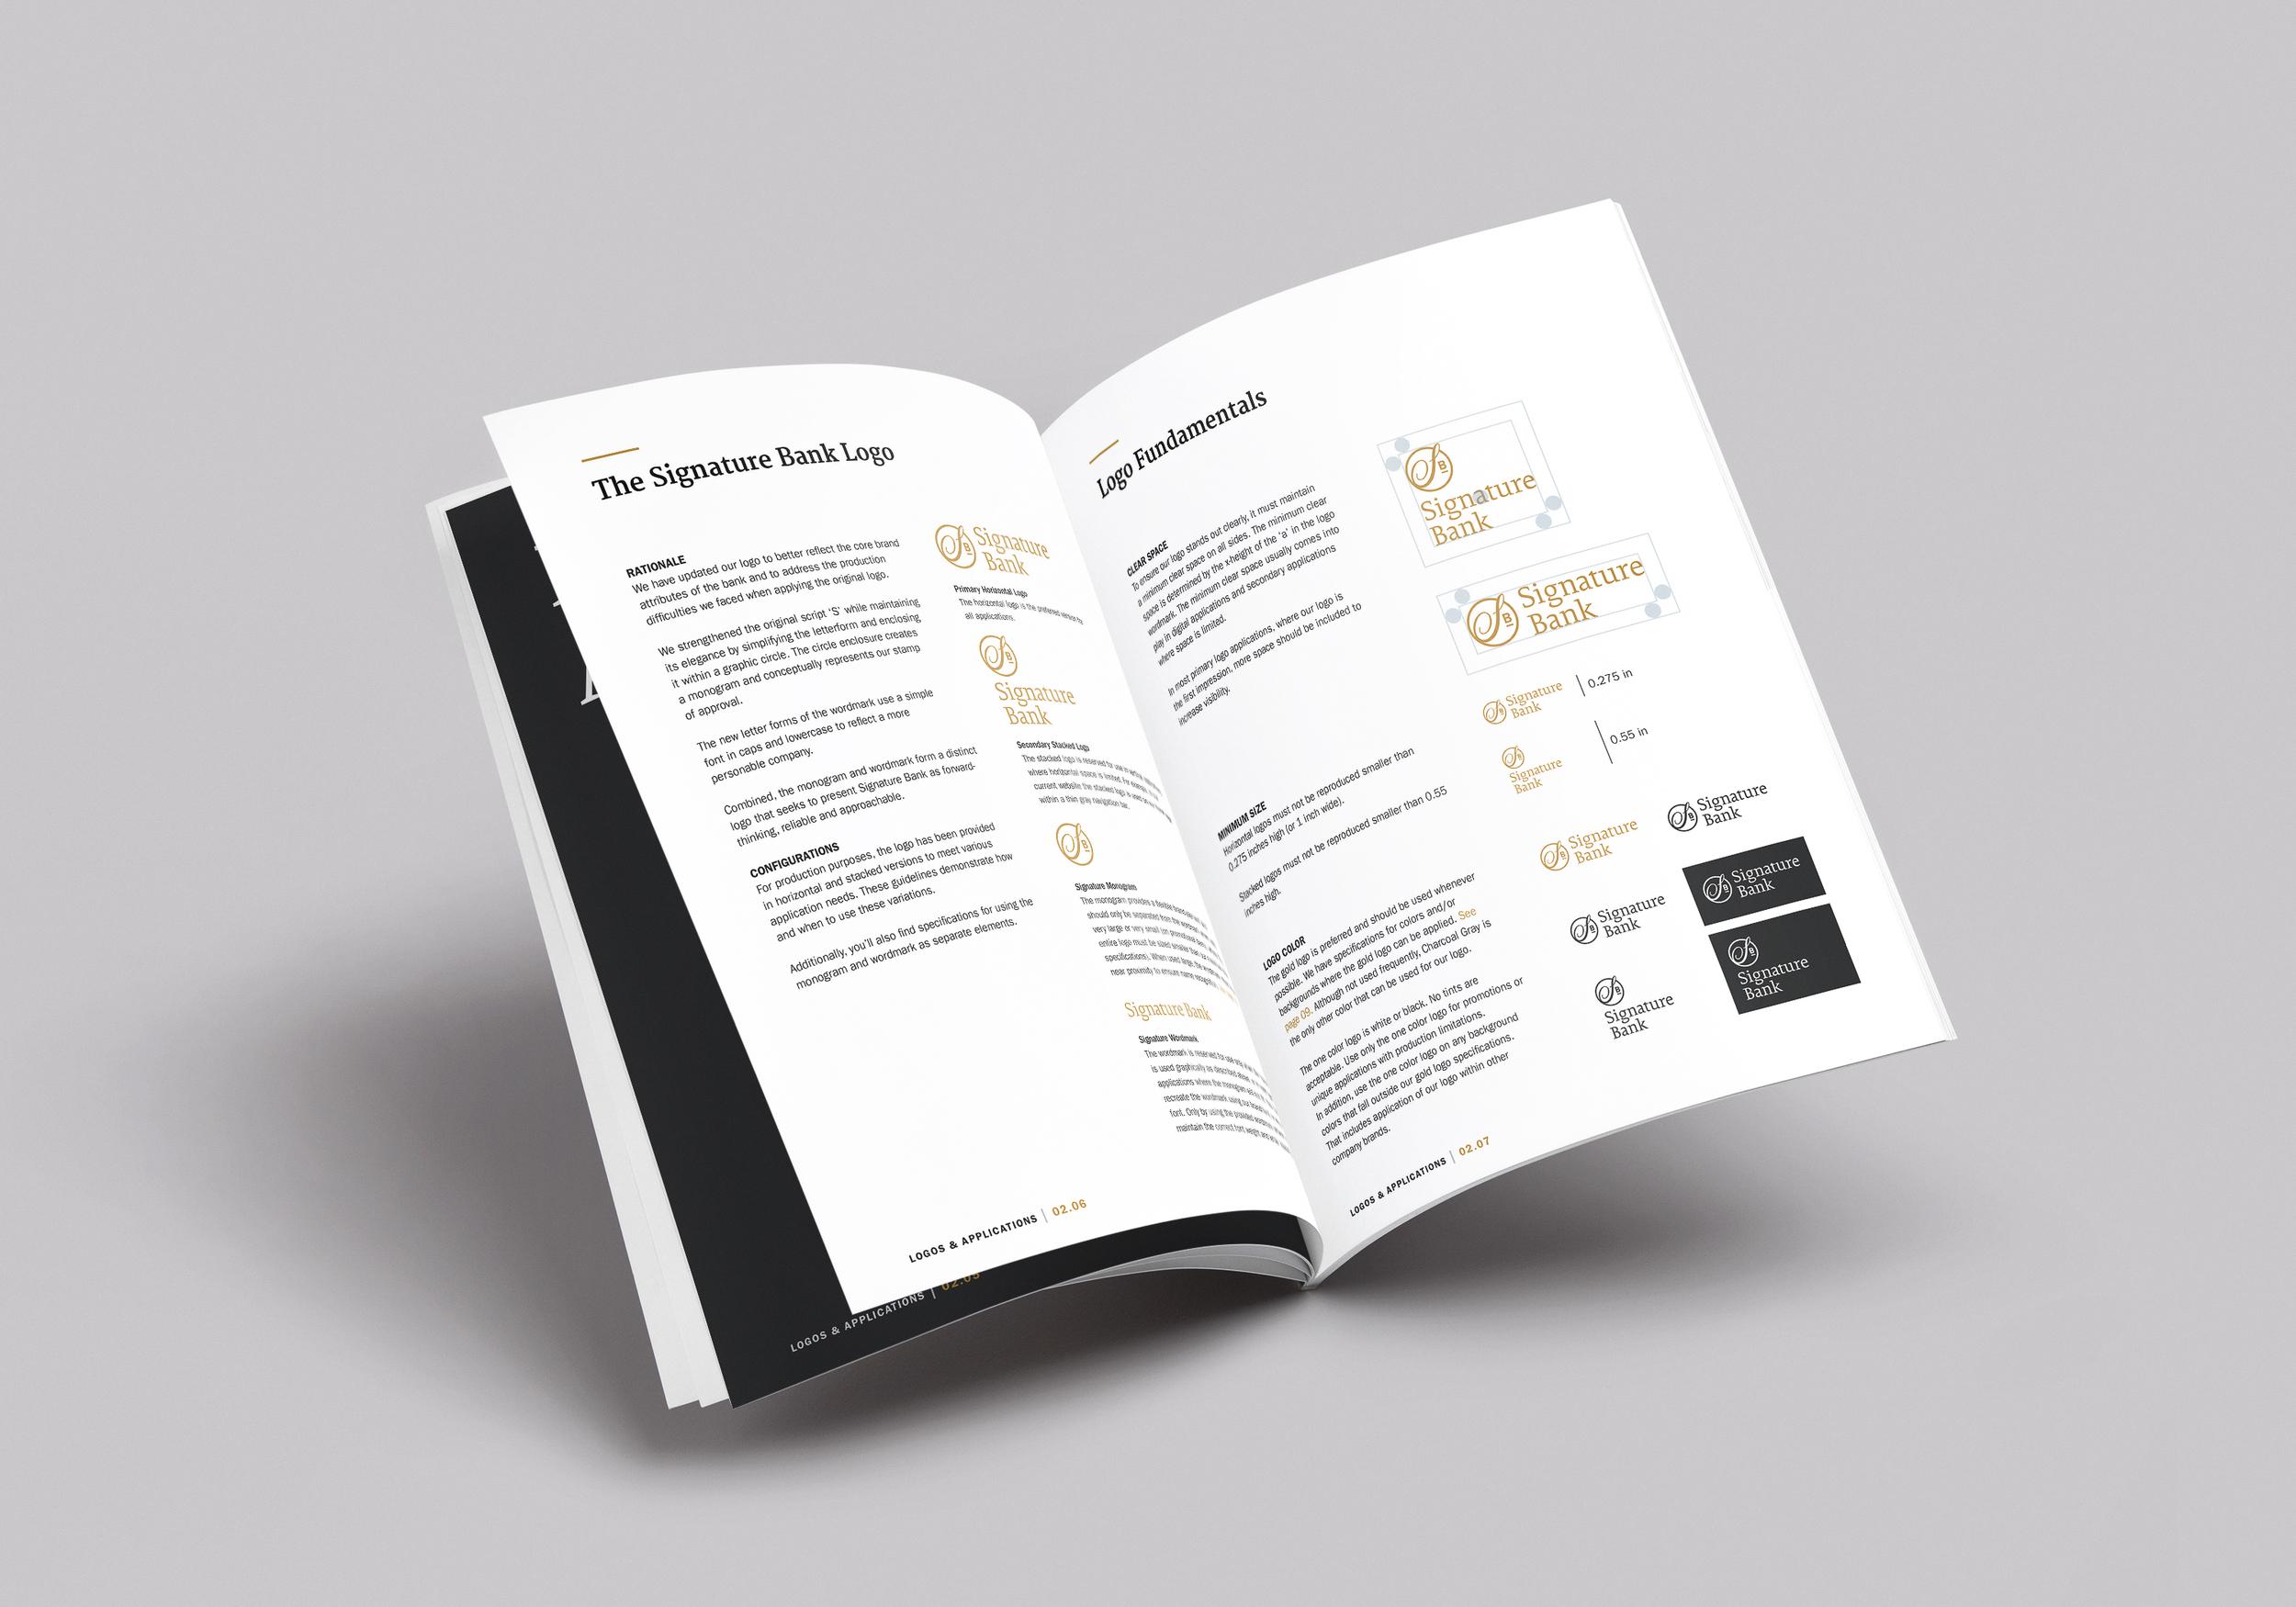 Signature_Guidelines-3.jpg